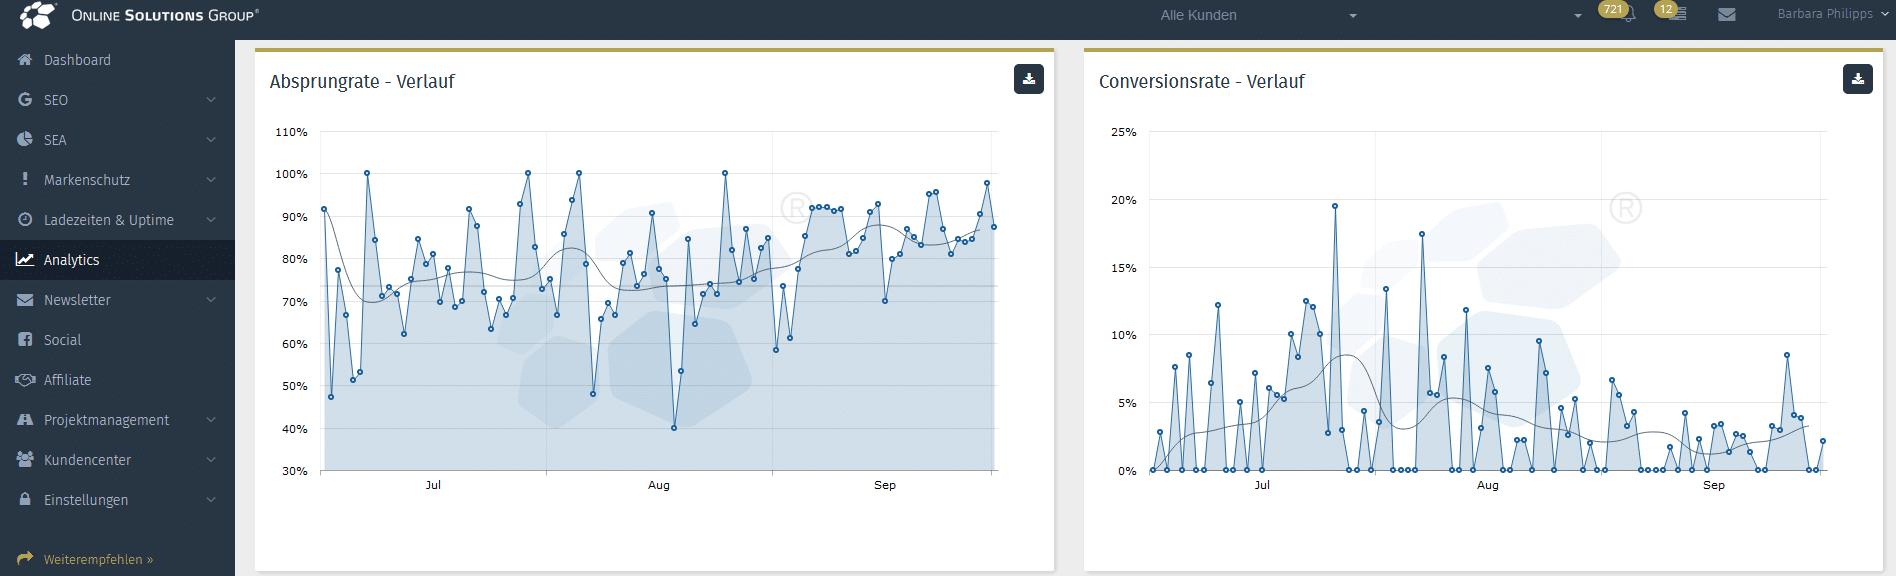 Screenshot aus der OSG PS vom Analytics Dashboard mit Absprungrate & Conversionrate im Verlauf